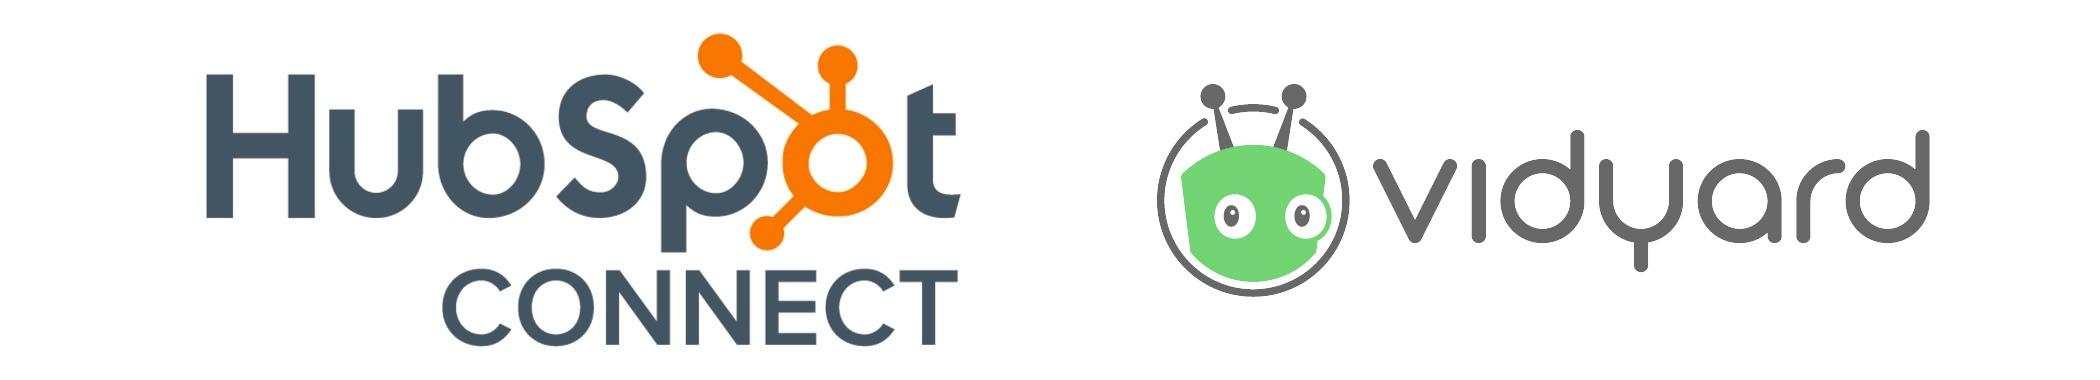 hubspot-connect-vidyard.jpg